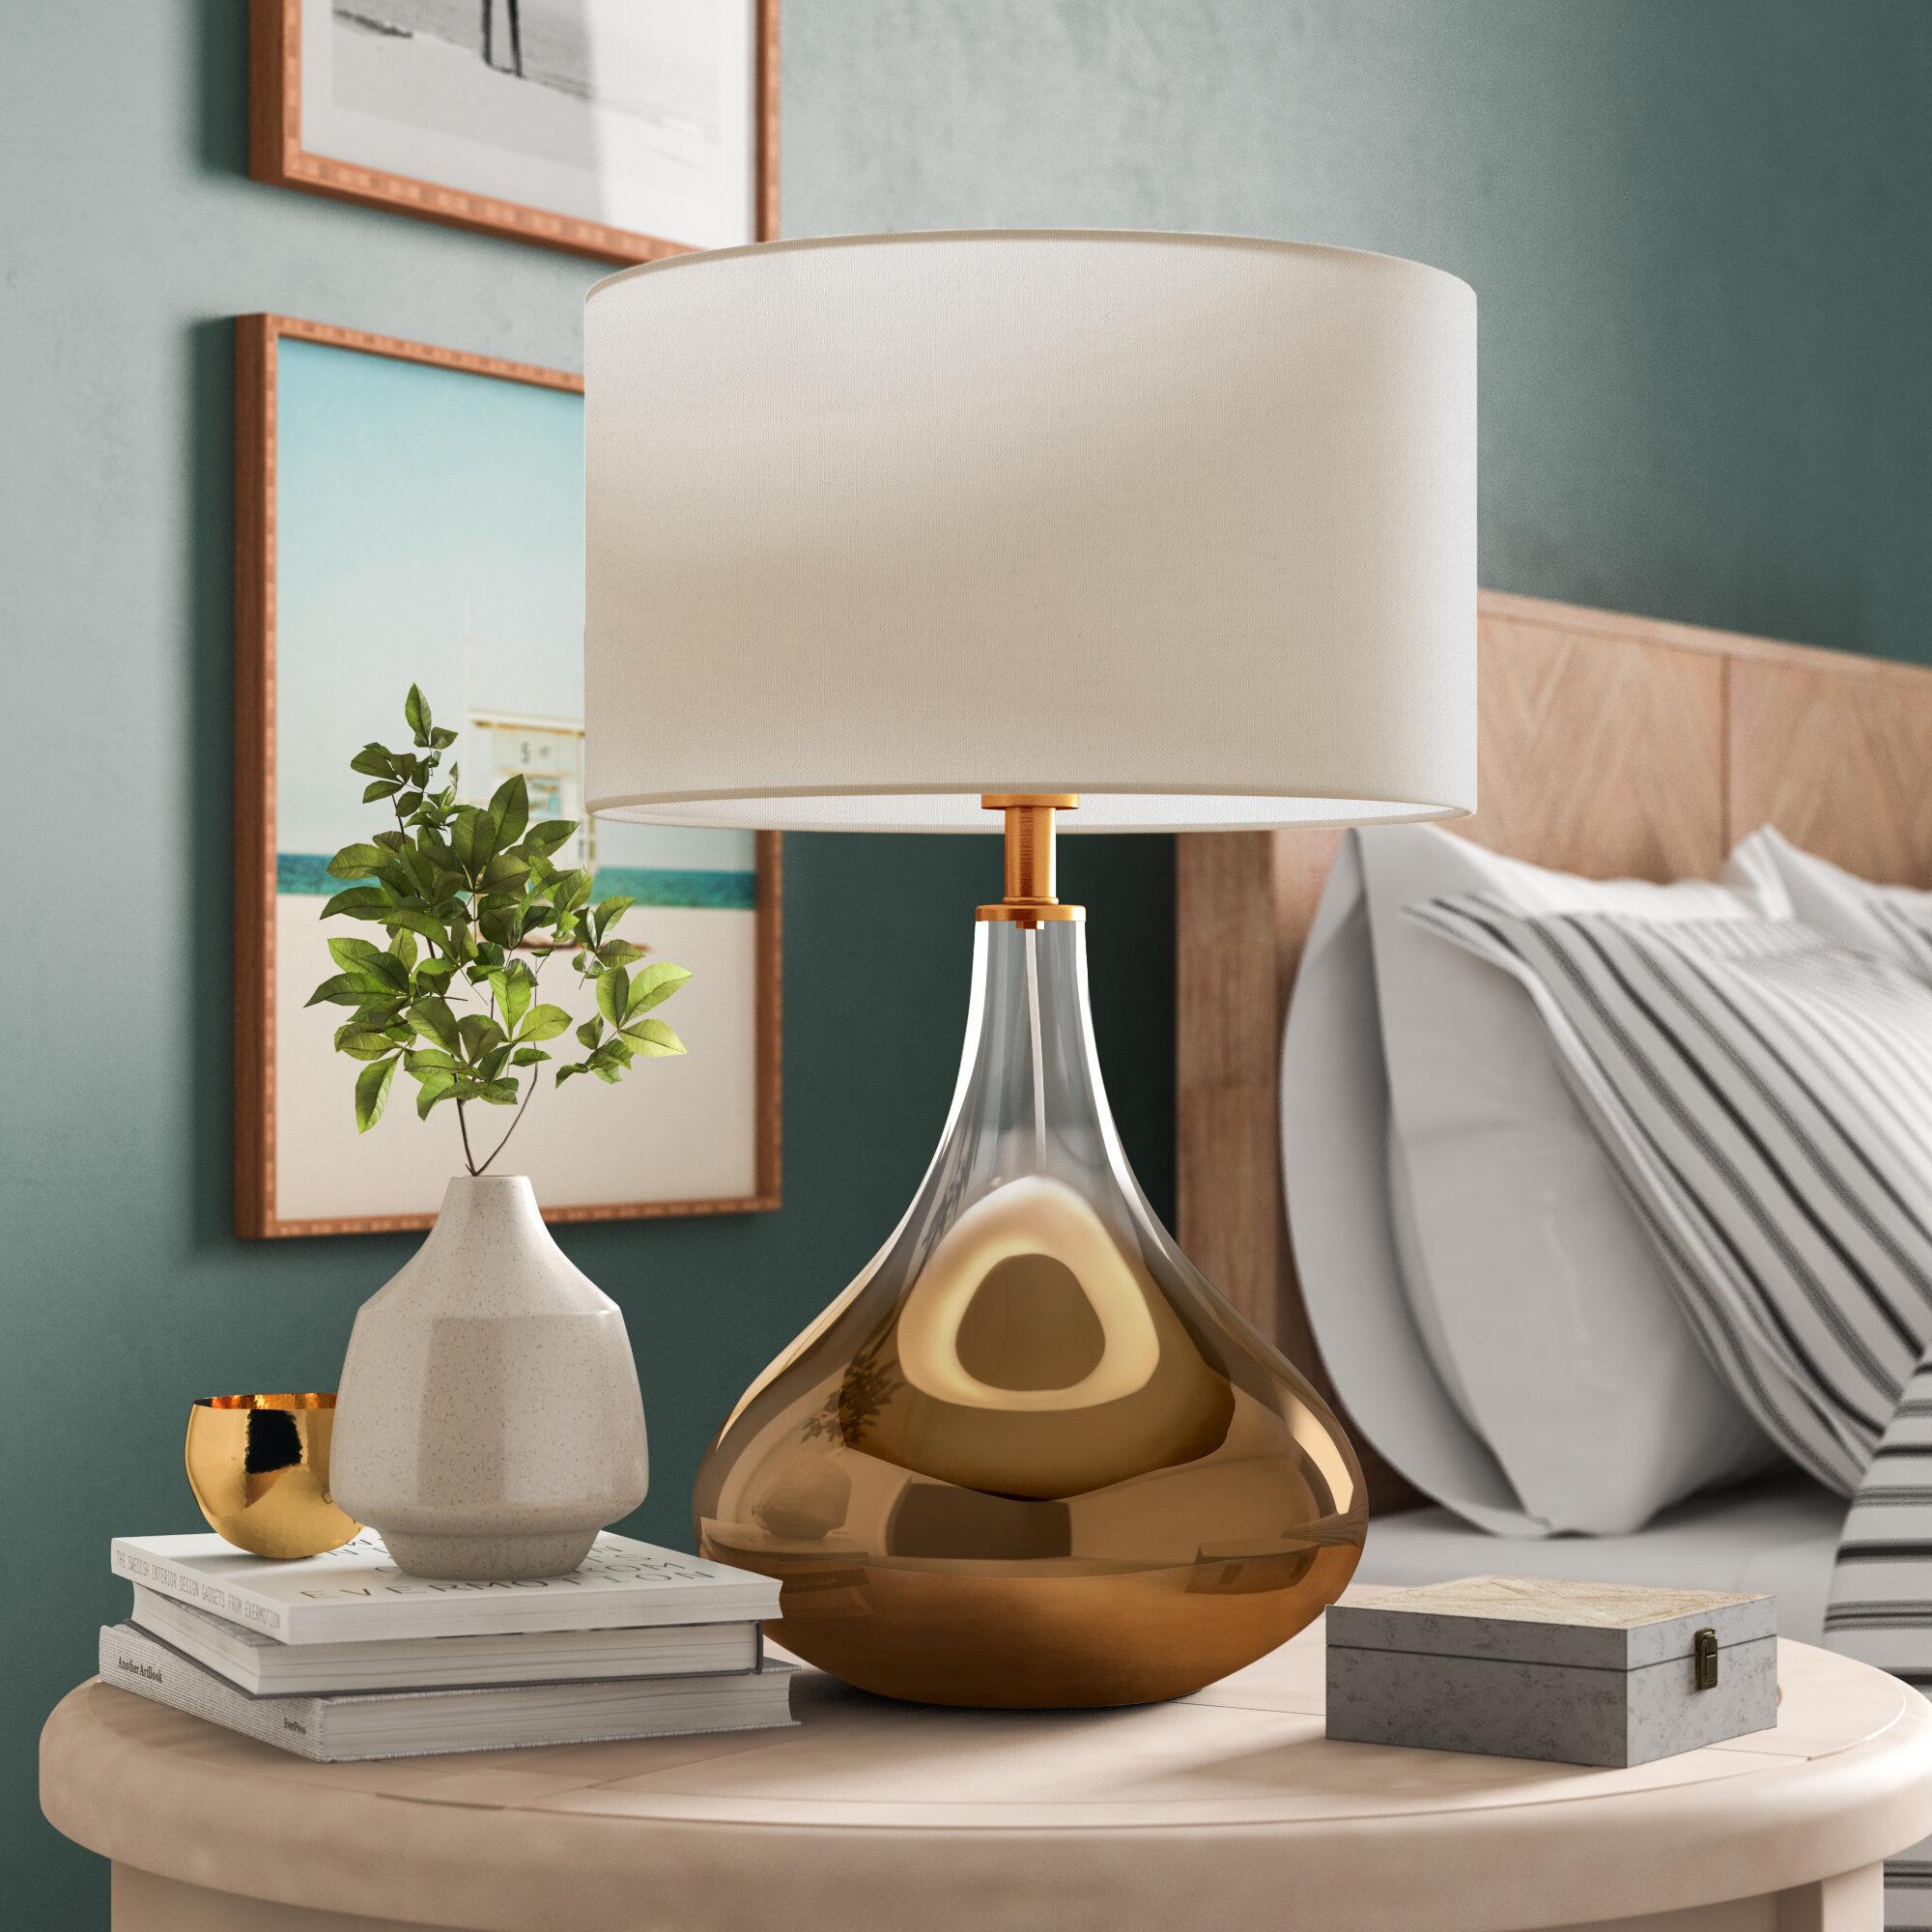 Joss Main 25 5 Table Lamp Reviews Wayfair